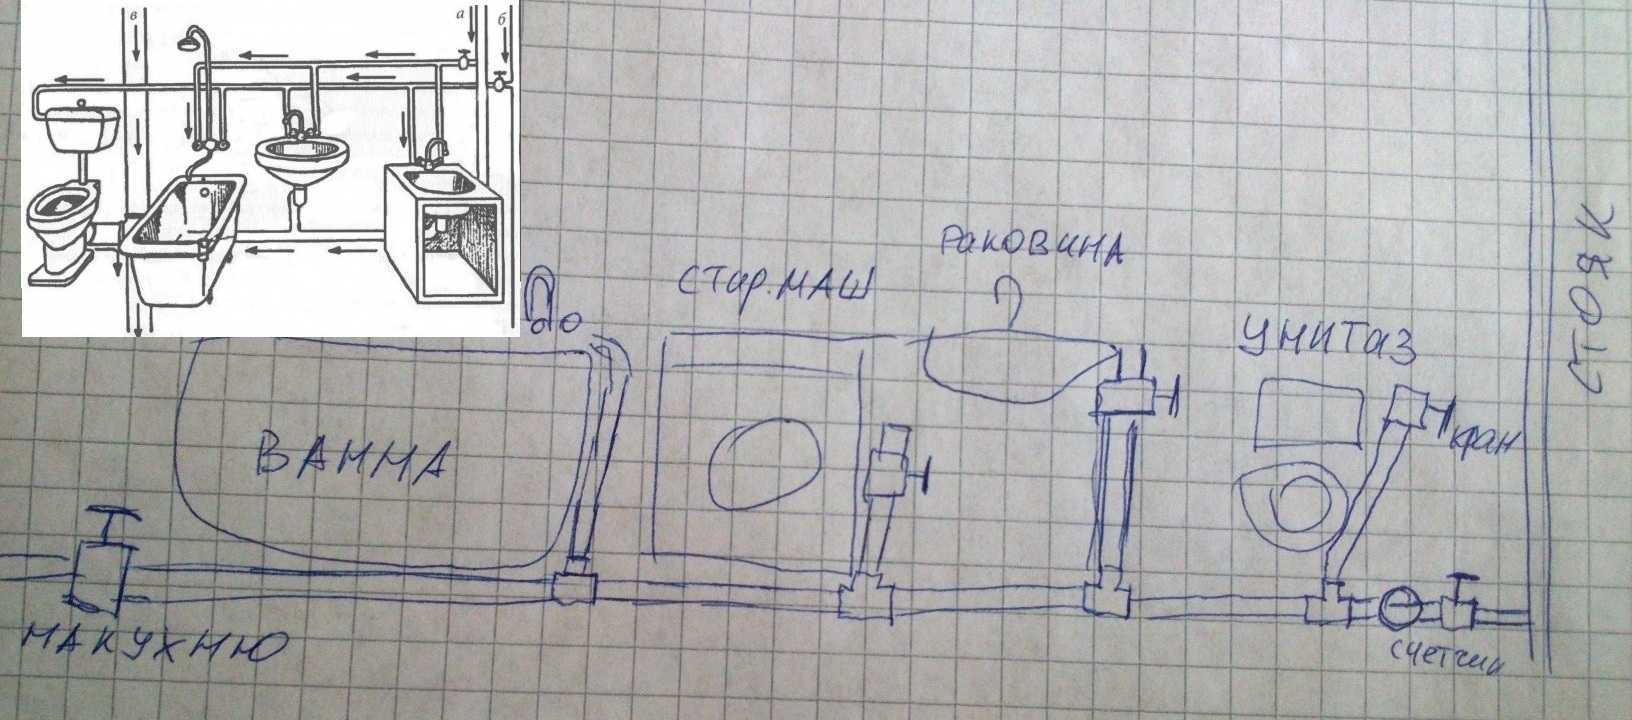 Пример системы водоснабжения на металлопластиковых трубах